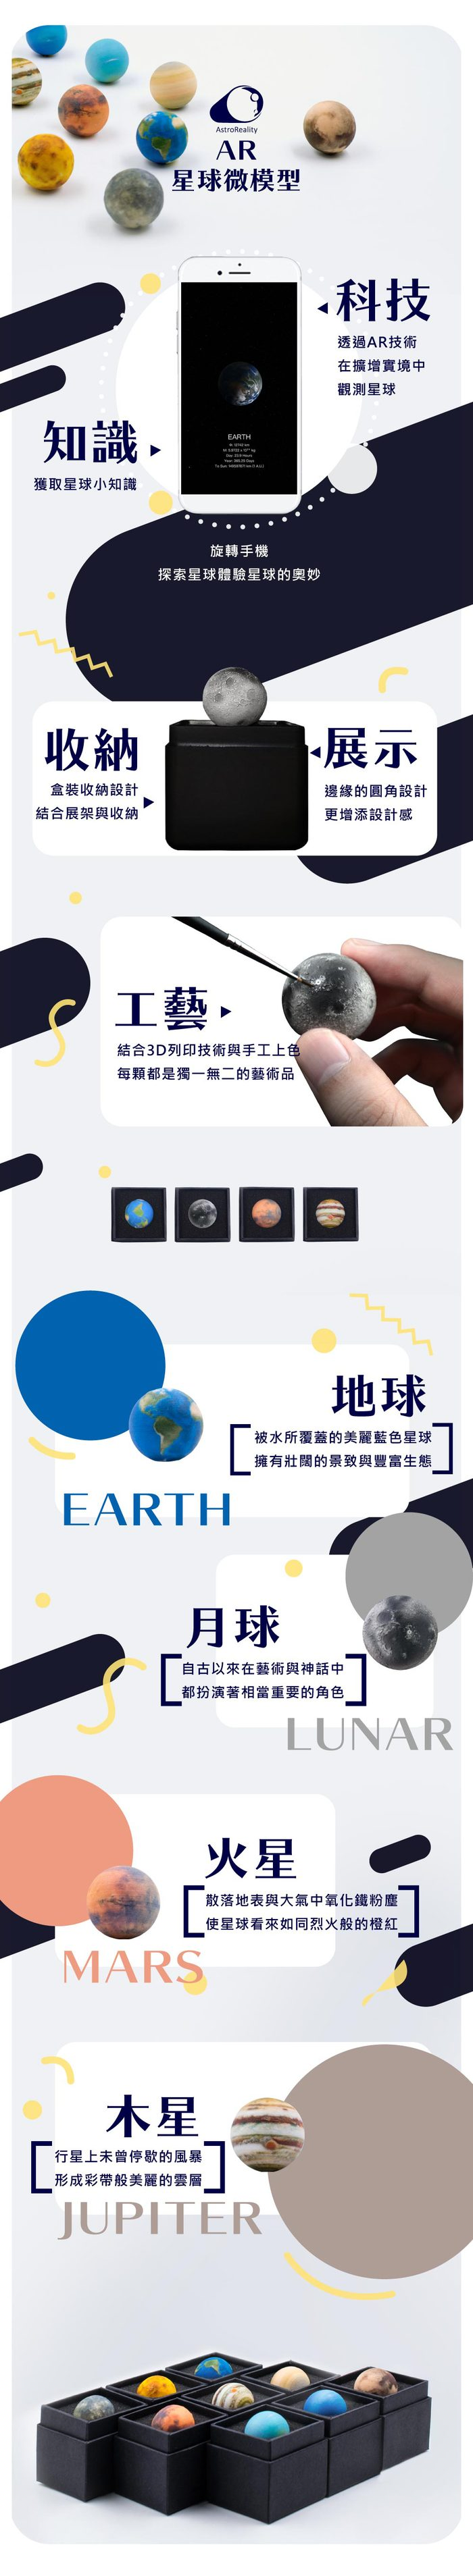 (複製)Astroreality  AR 木星筆記本